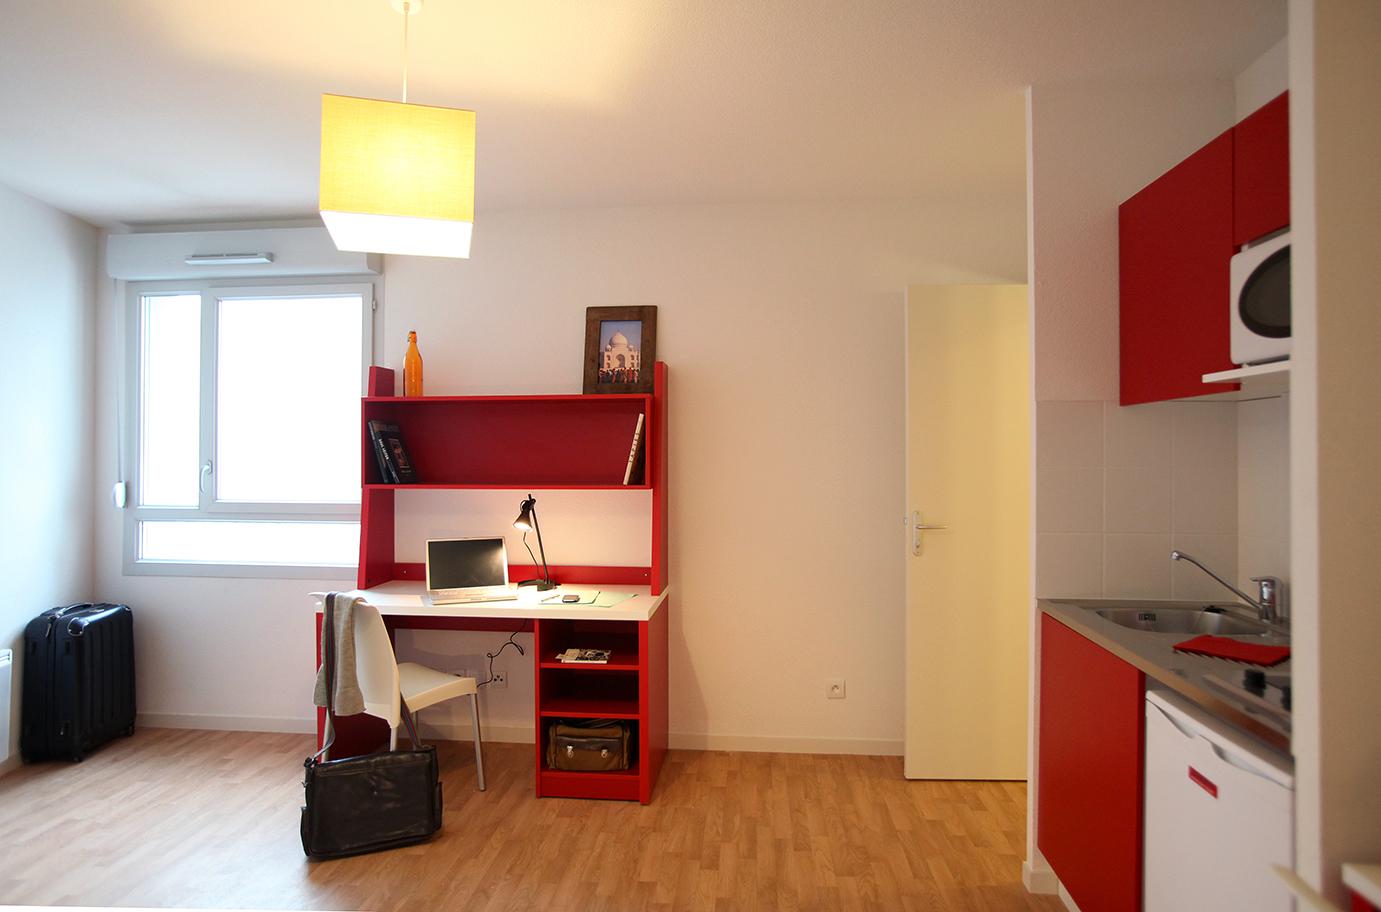 image  2019 06 21 suitetudes residence etudiante suitetudes andromaque villeurbanne studio bureau.JPG